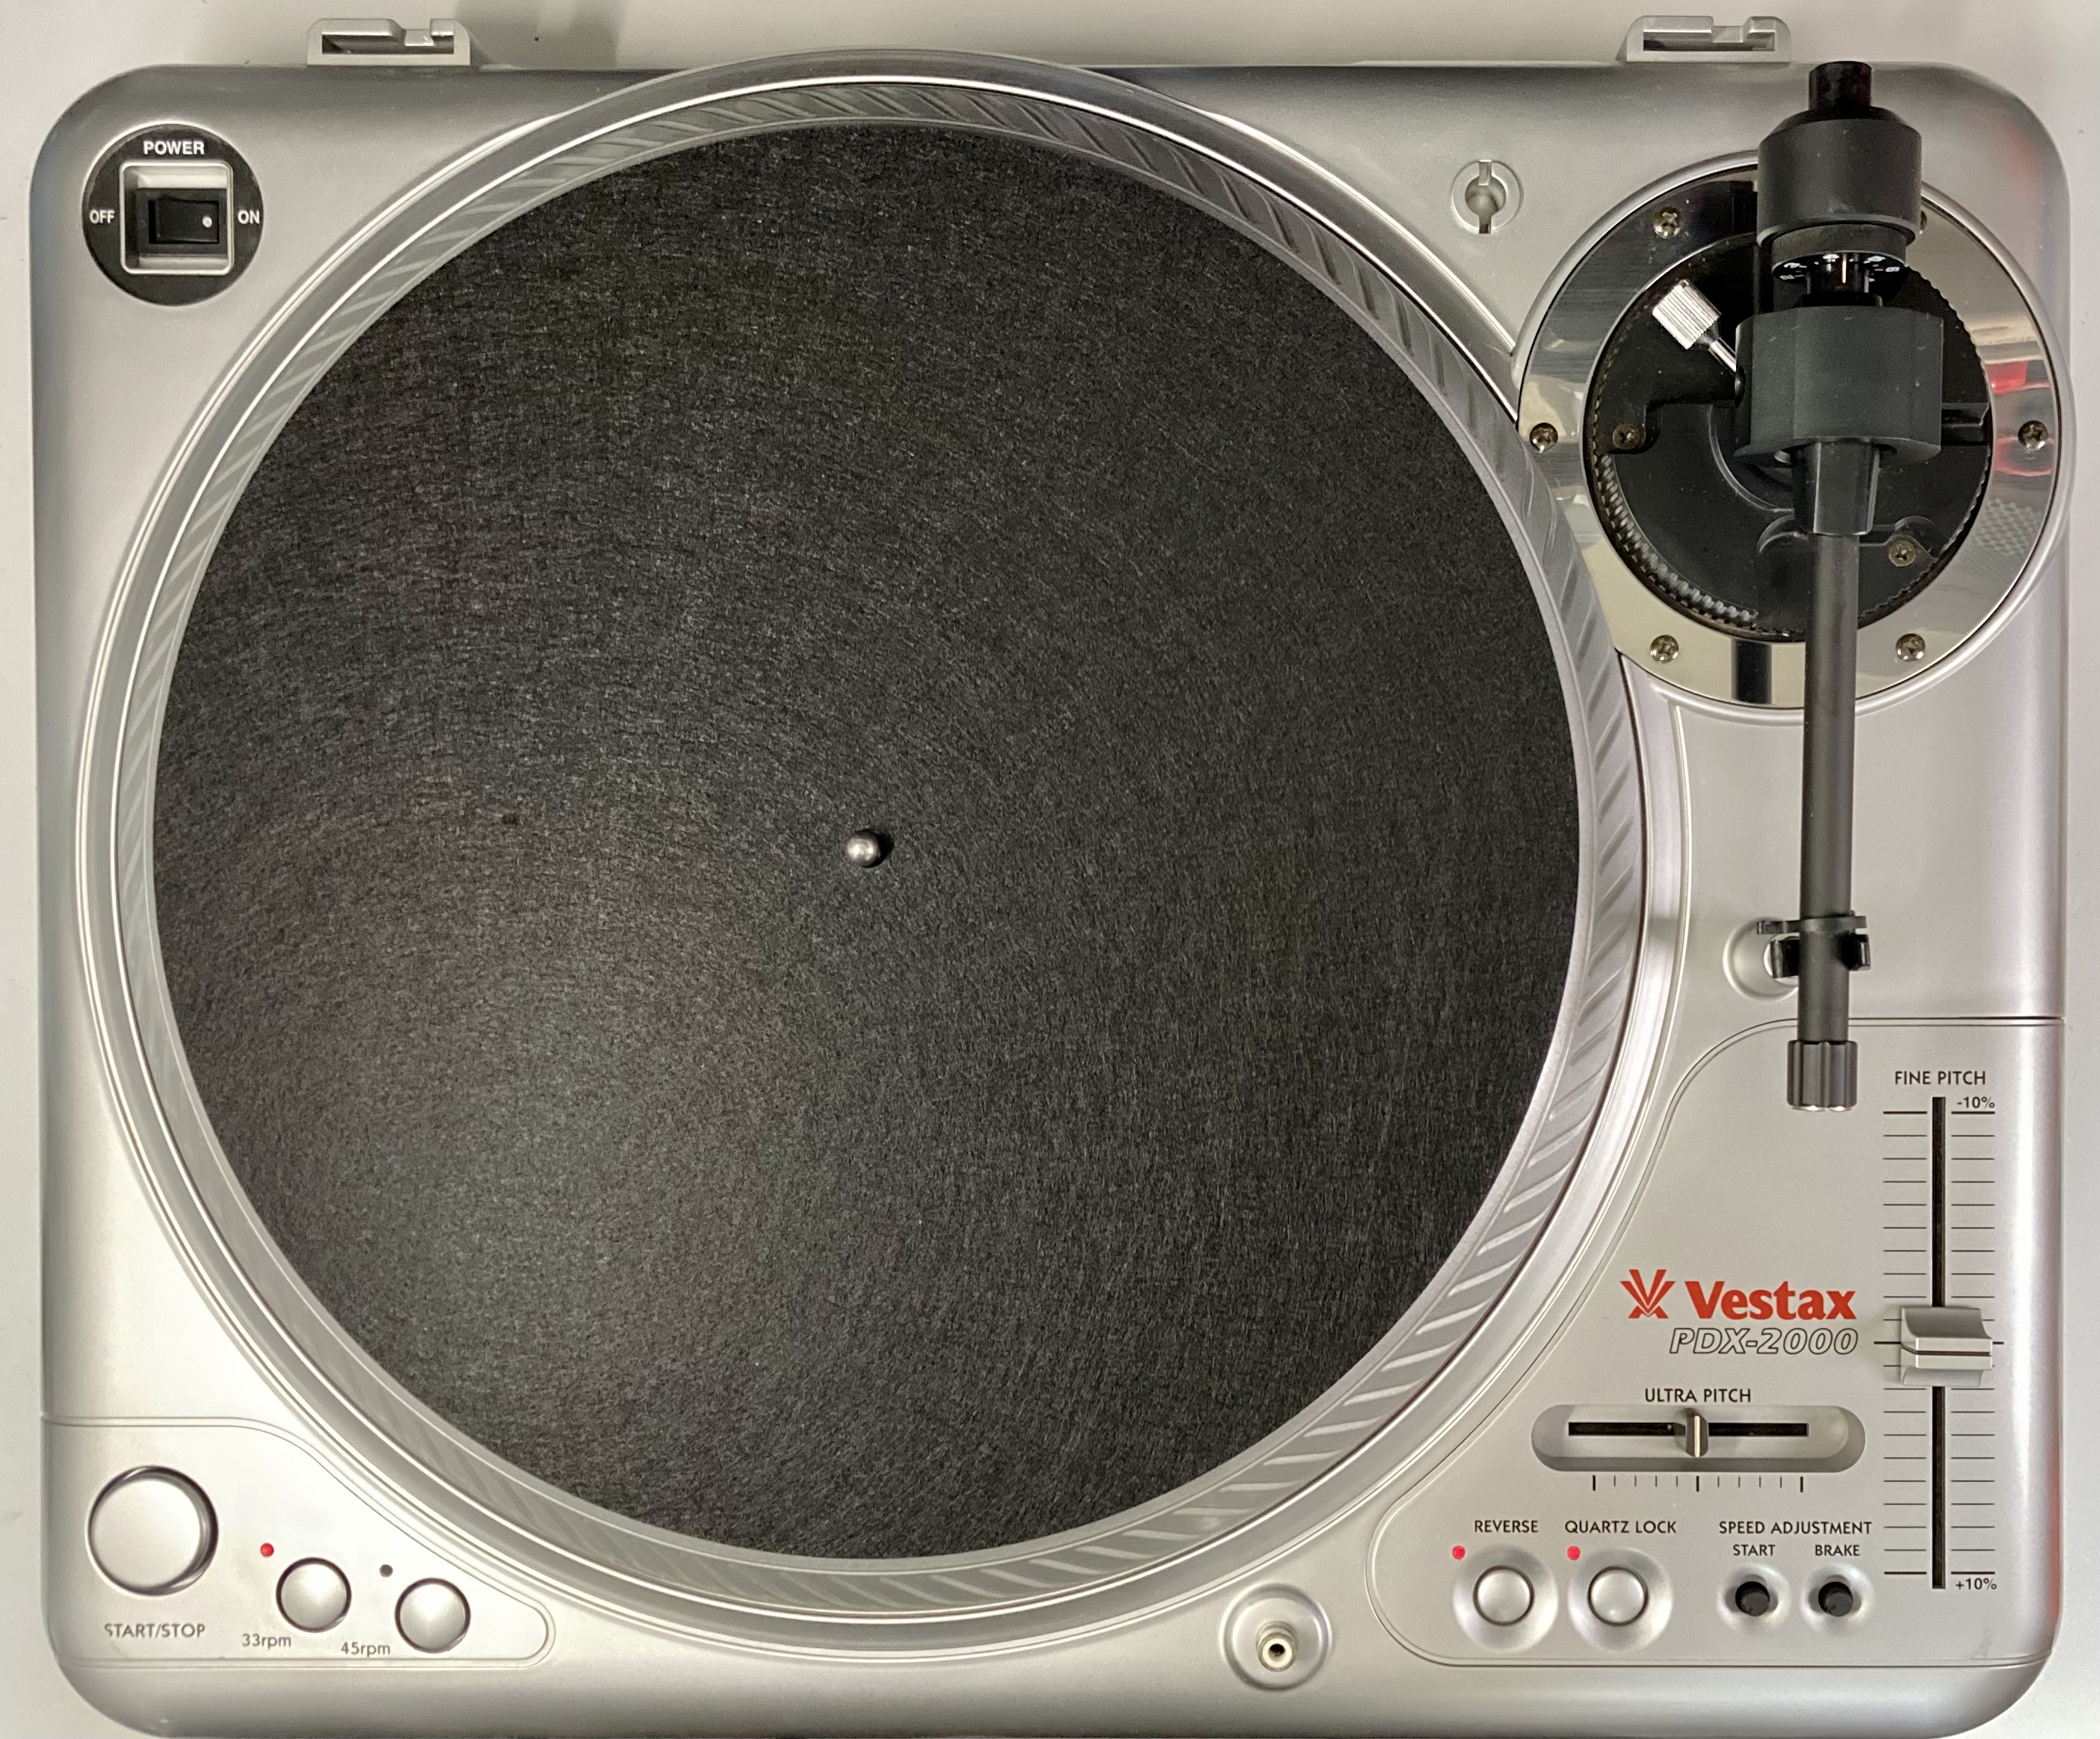 [安心のメンテナンス/カスタム済USED] Vestax PDX-2000 シルバー(インシュレーター改善品) 【6ヶ月保証付き】 TT-0097